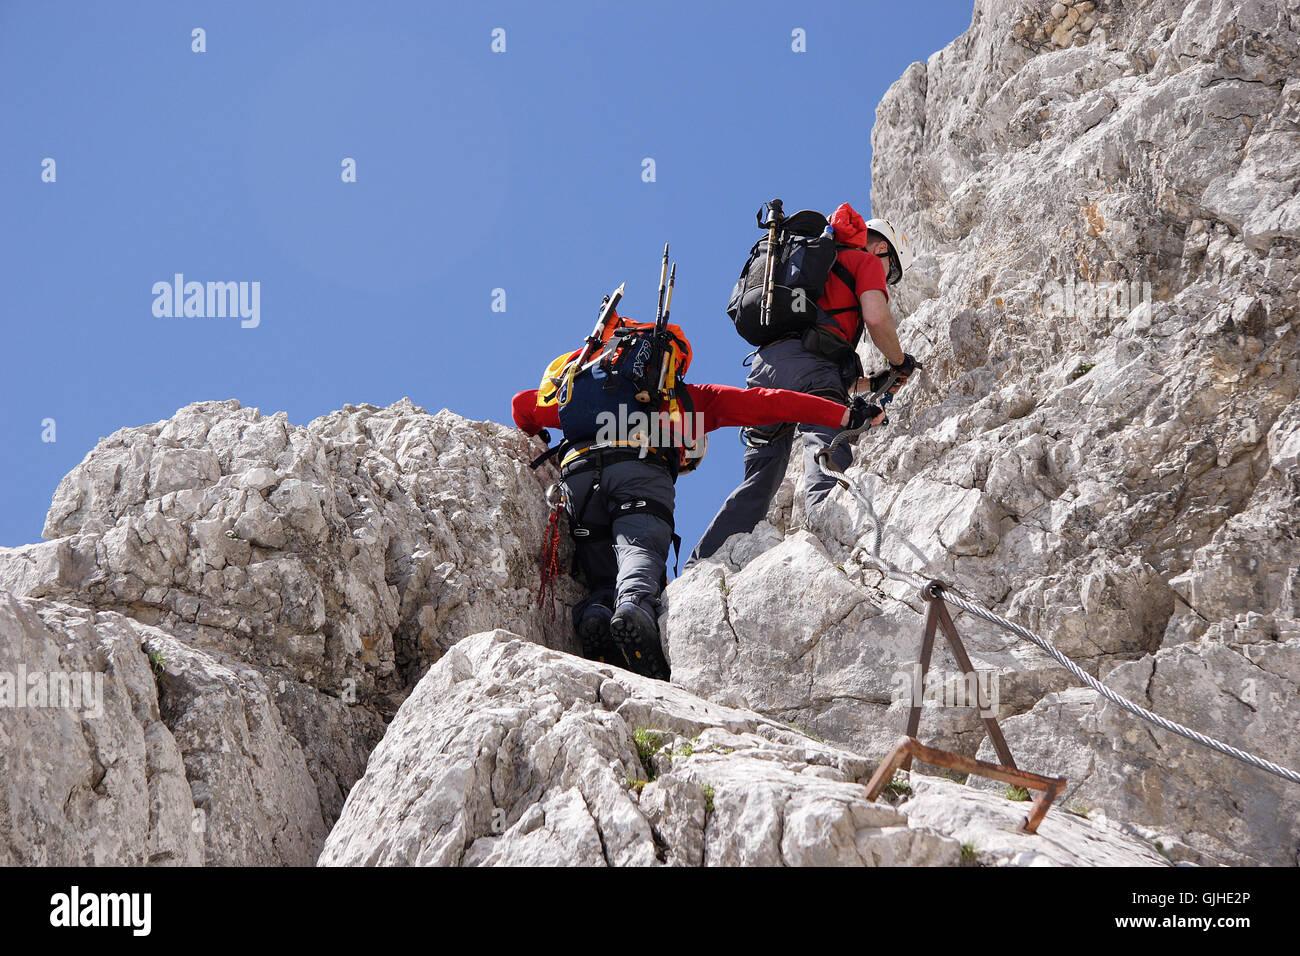 Klettersteig Zugspitze : Klettersteig zur zugspitze stockfoto bild alamy